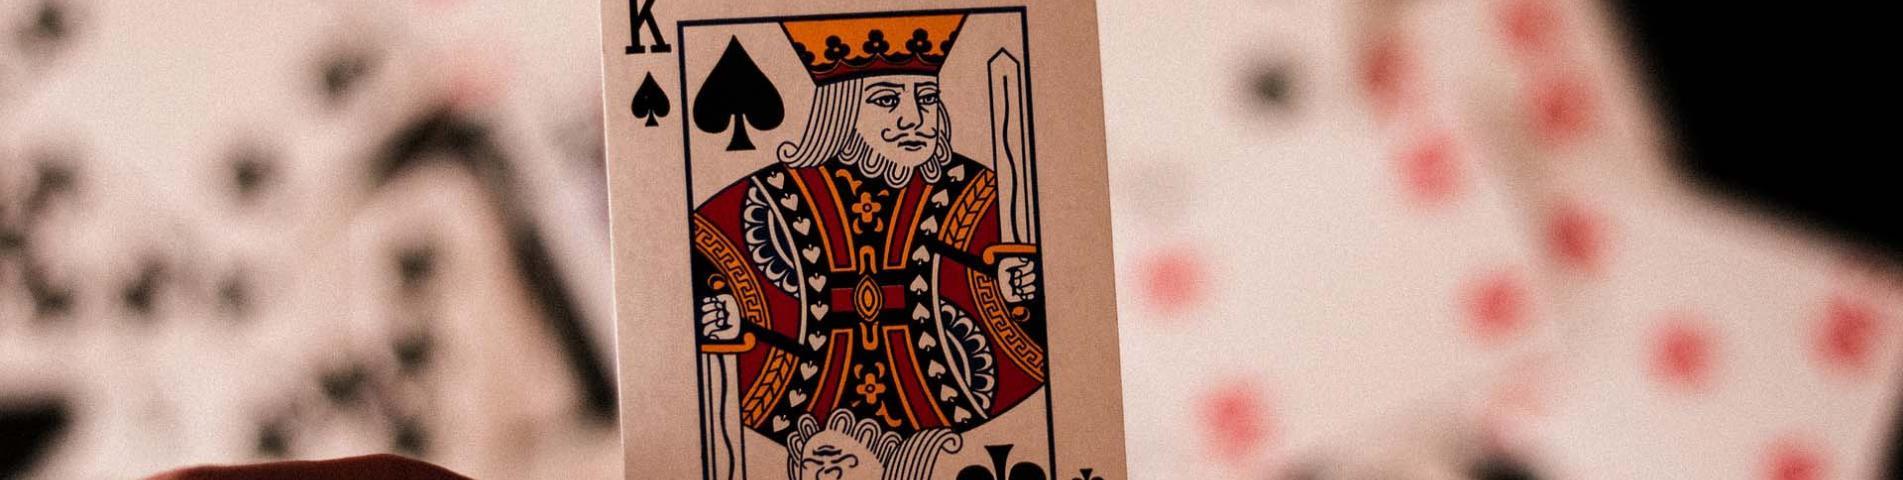 قواعد لعبة البلاك جاك Blackjack Rules